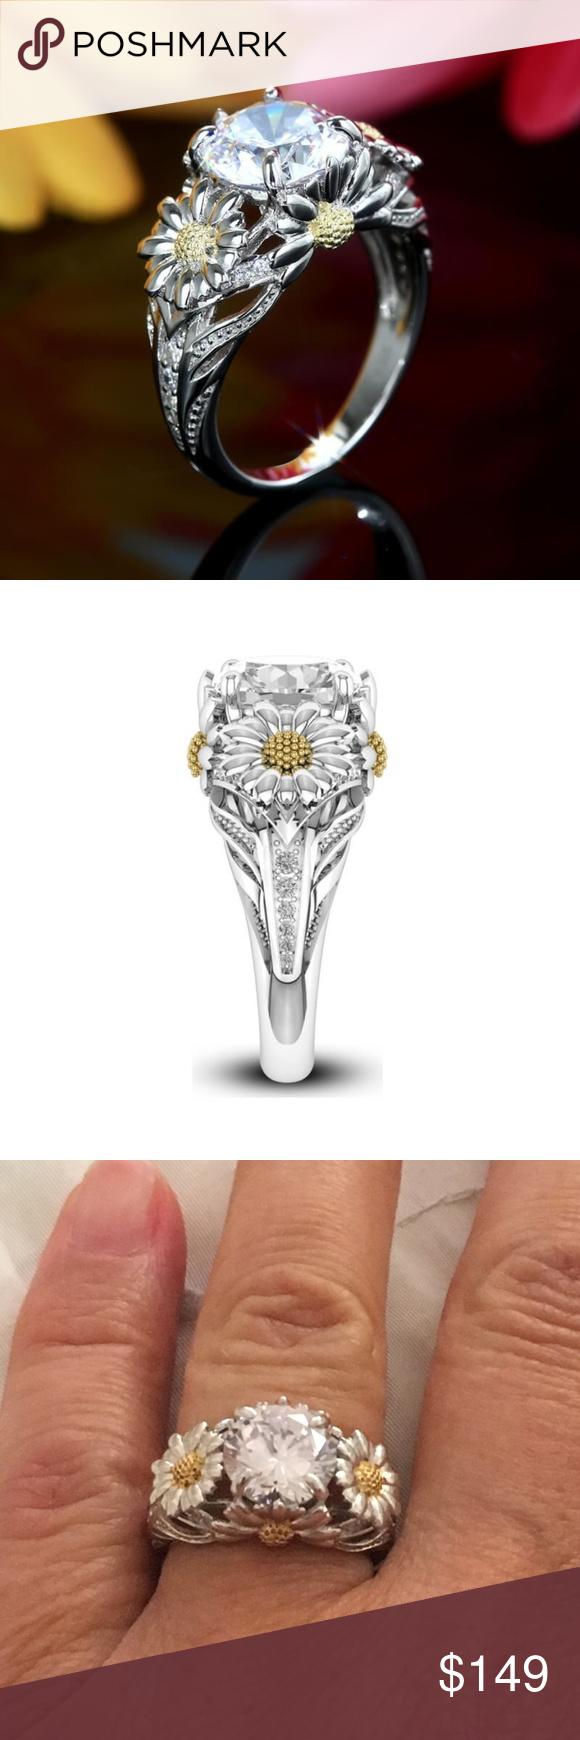 Vancaro Sterling silver Sunflower Ring Vancaro Sunflower